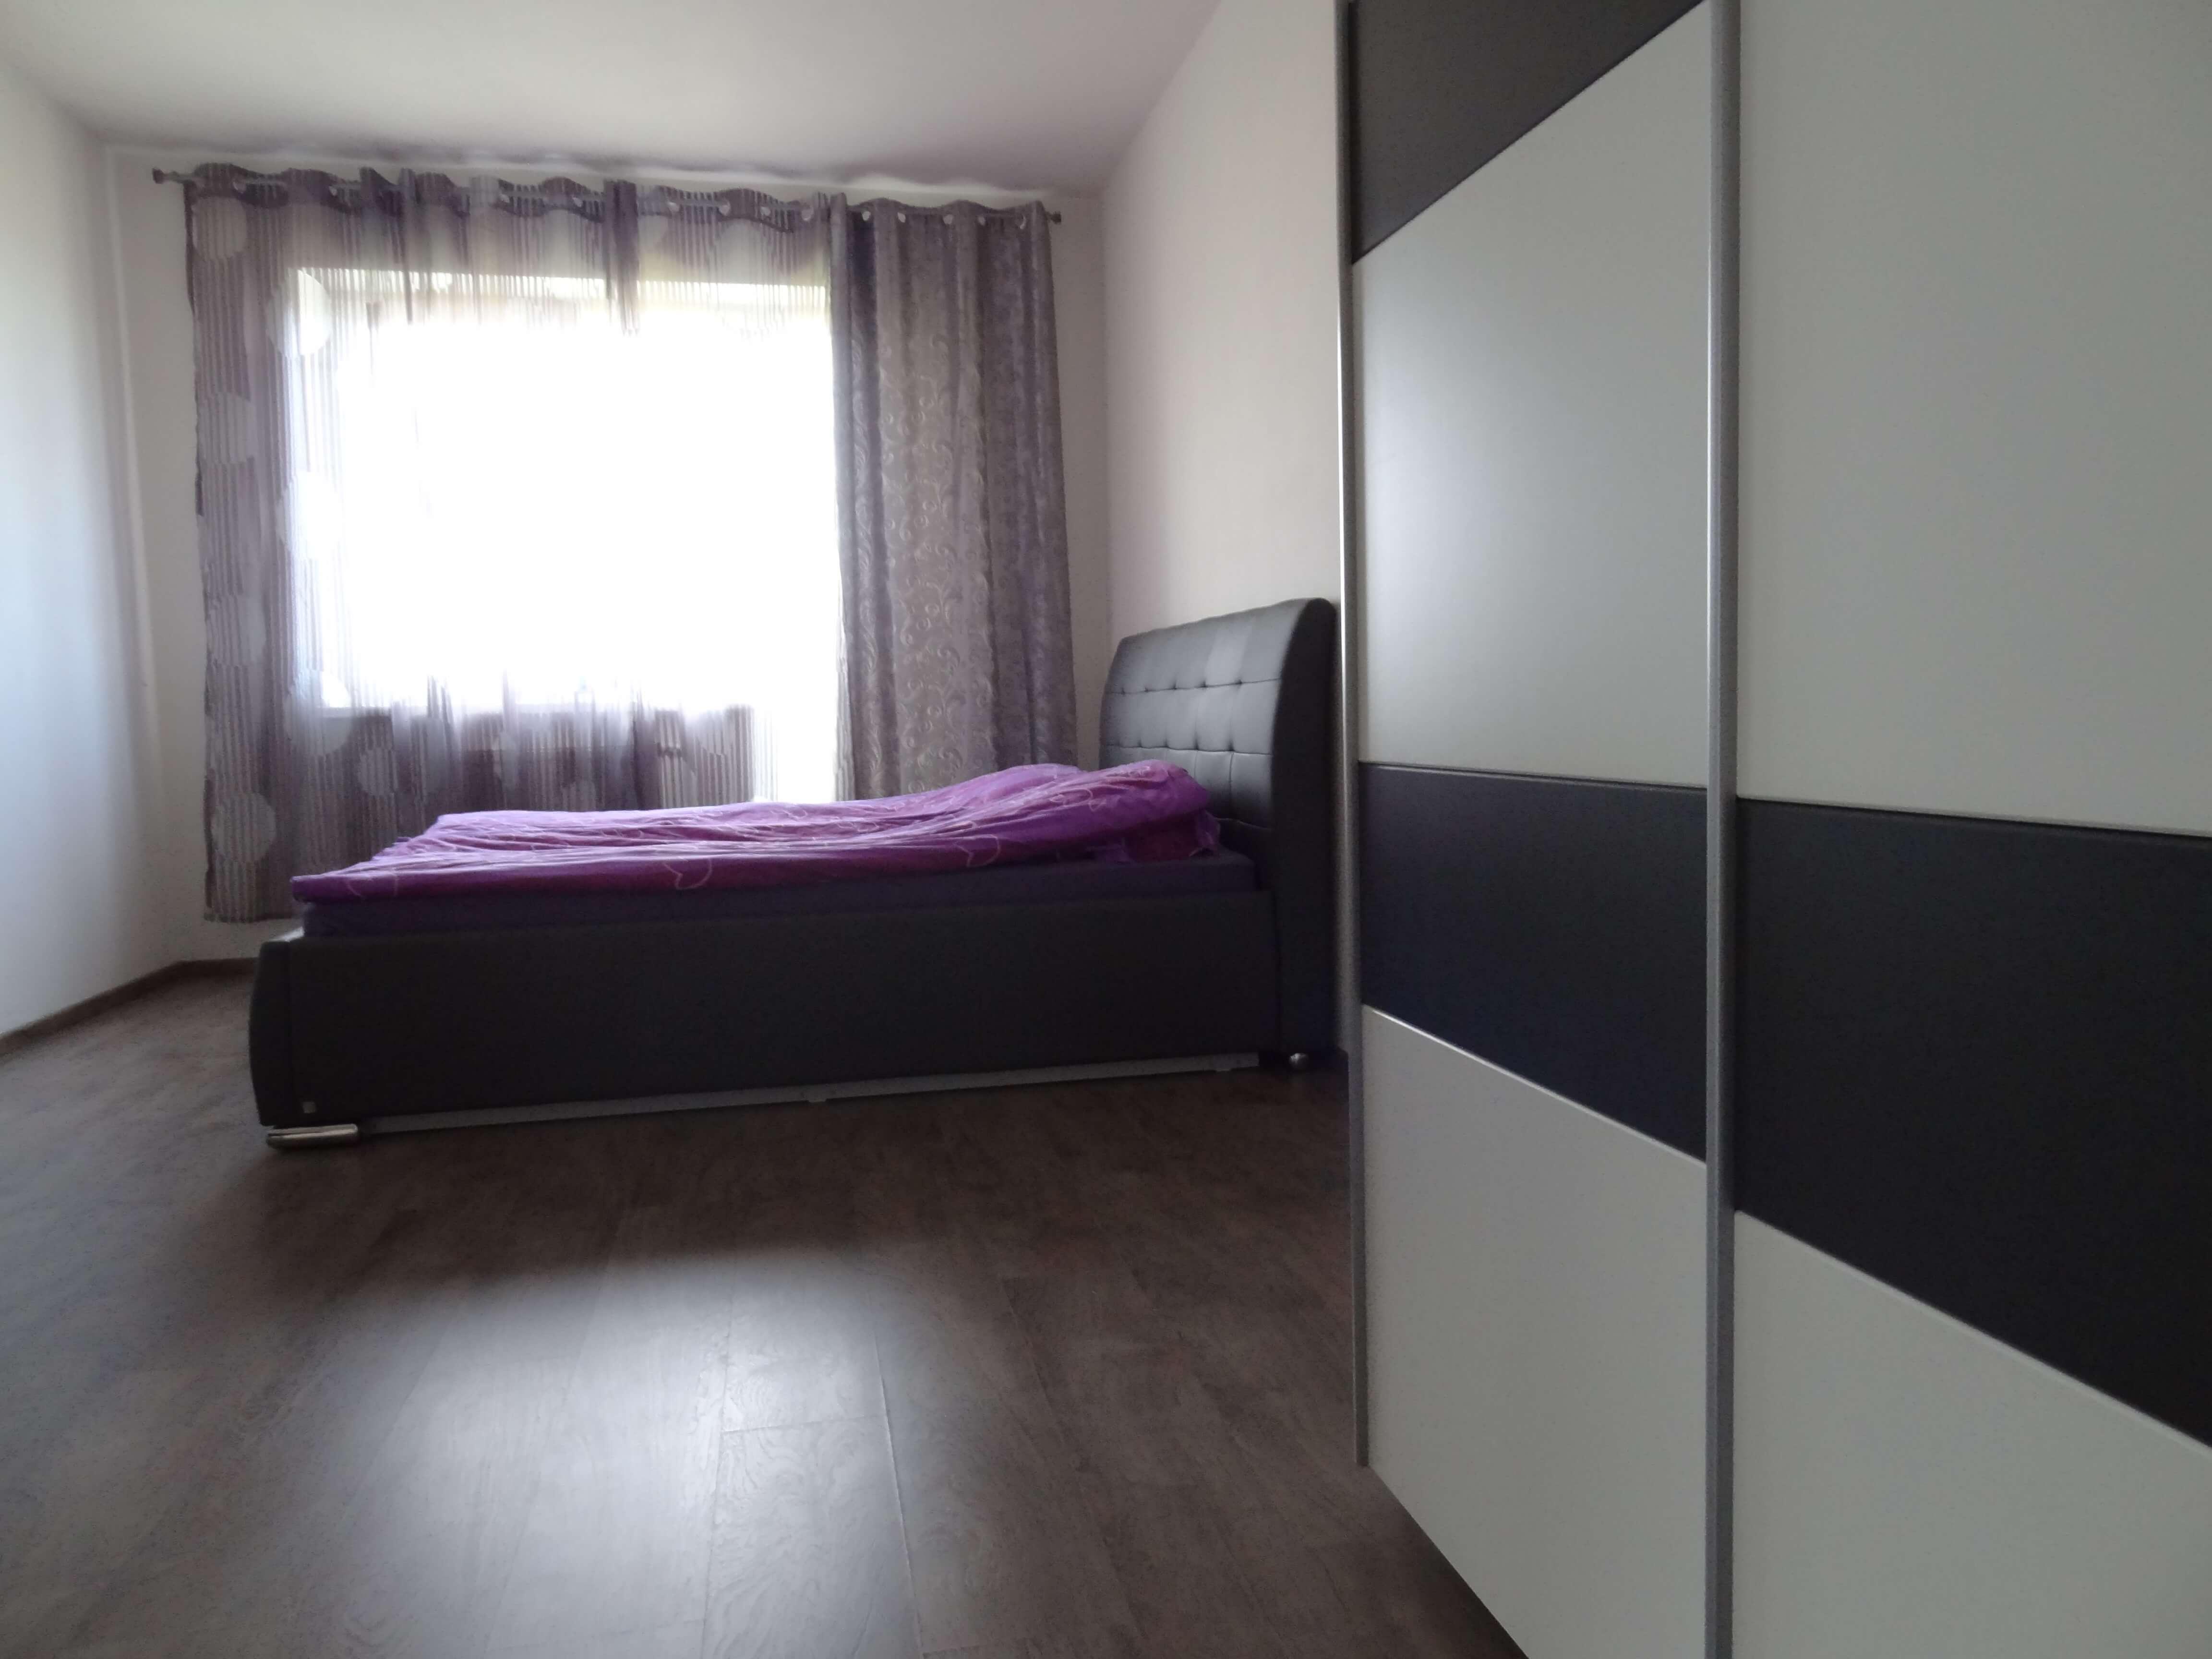 Rezervovaný: Exkluzívne na predaj 3 Izbový byt v novostavbe, 87,2m2, loggia 7,4m2, Družstevná, Hamuliakovo-23